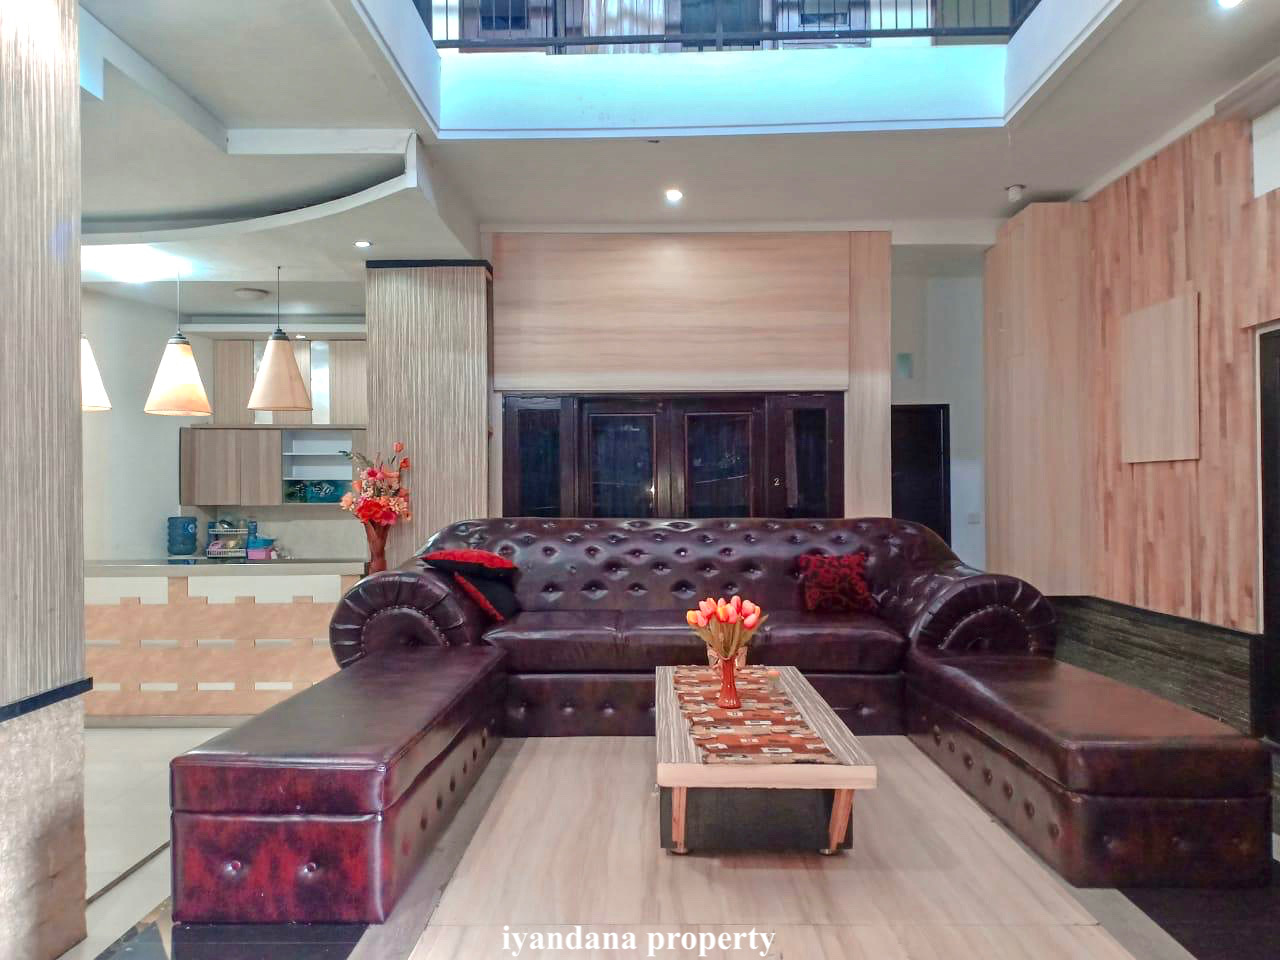 For sale ID:D-284 rumah appartement elite ubung denpasar bali near ayani sanur gatsu